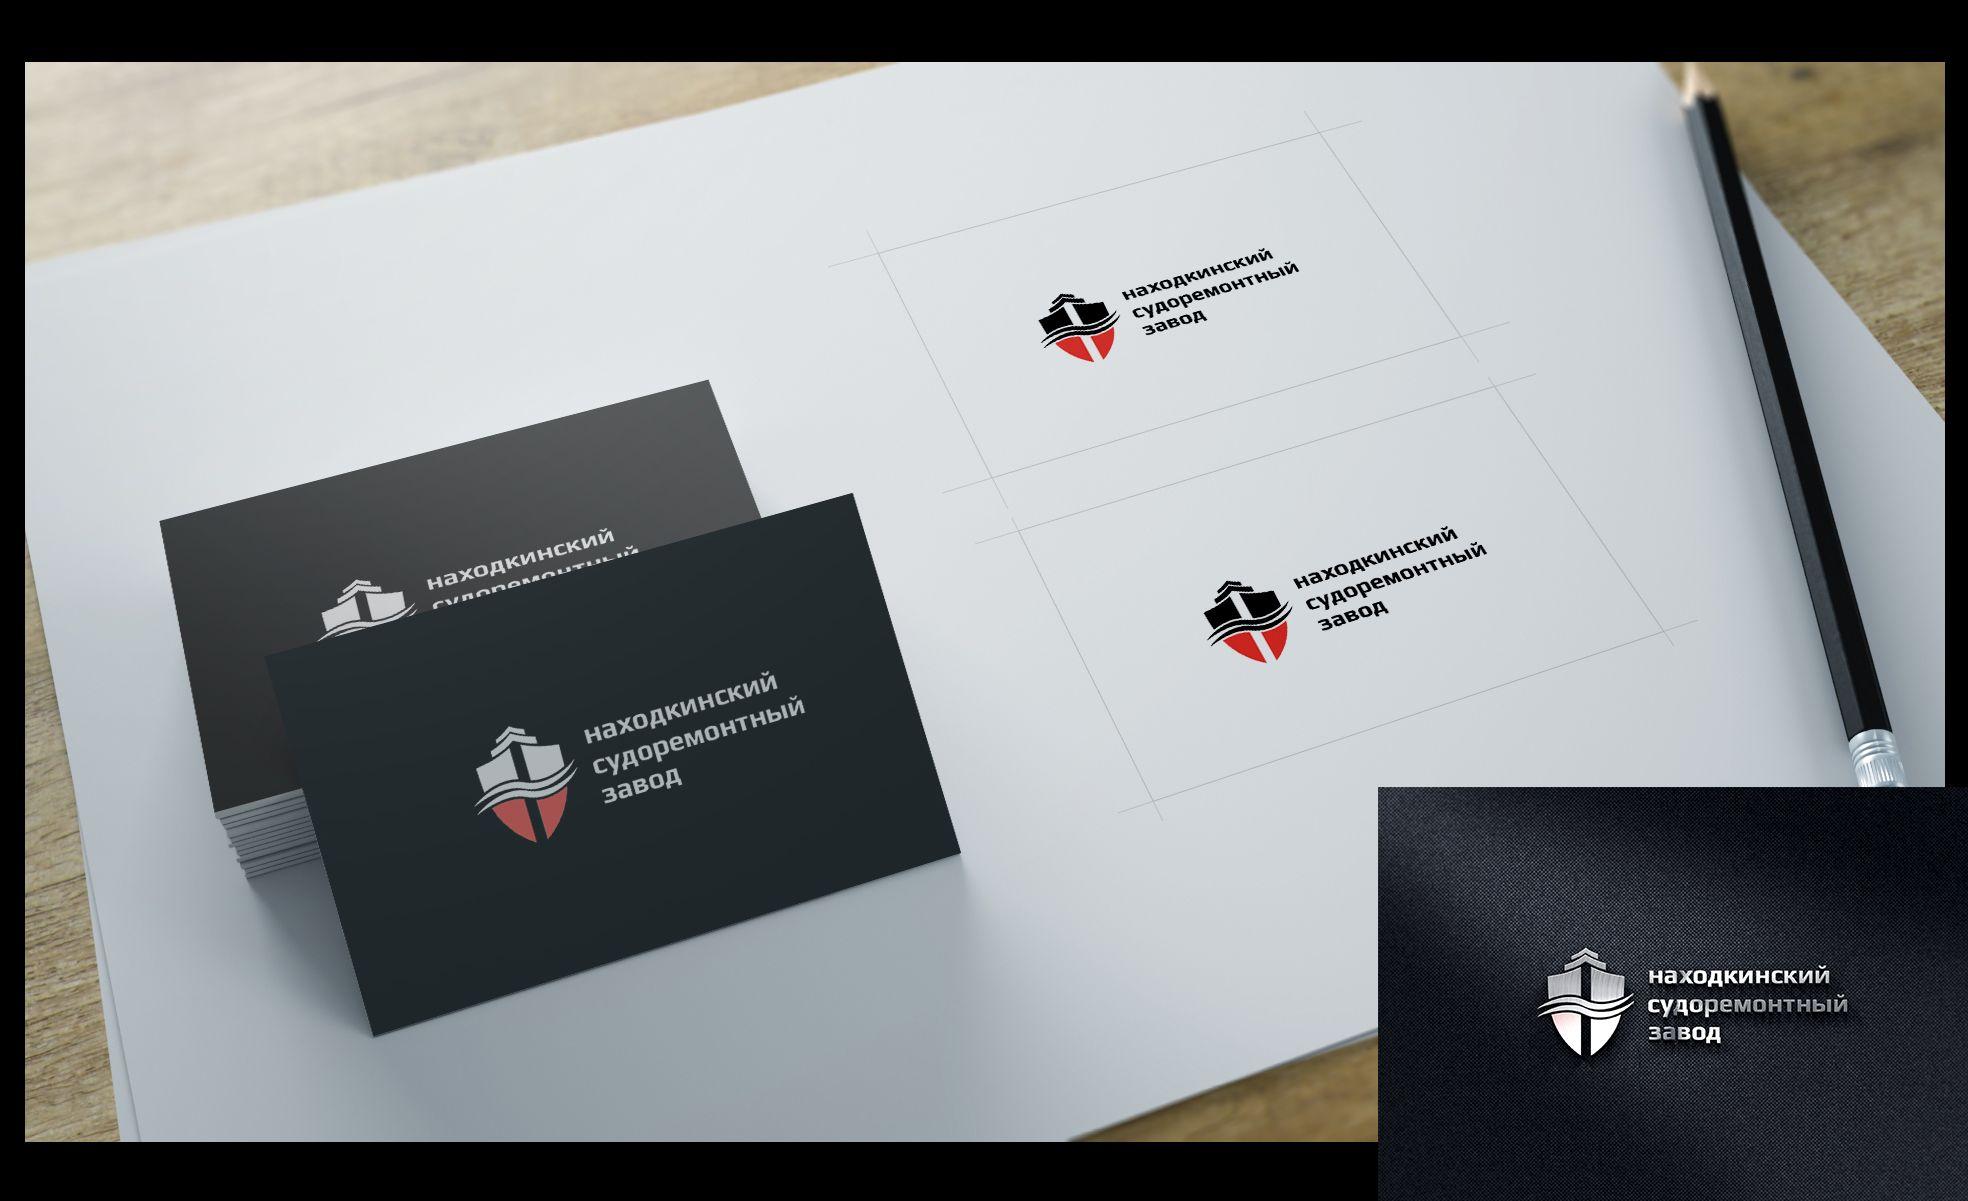 Лого и фирменный стиль для НСРЗ - дизайнер SmolinDenis